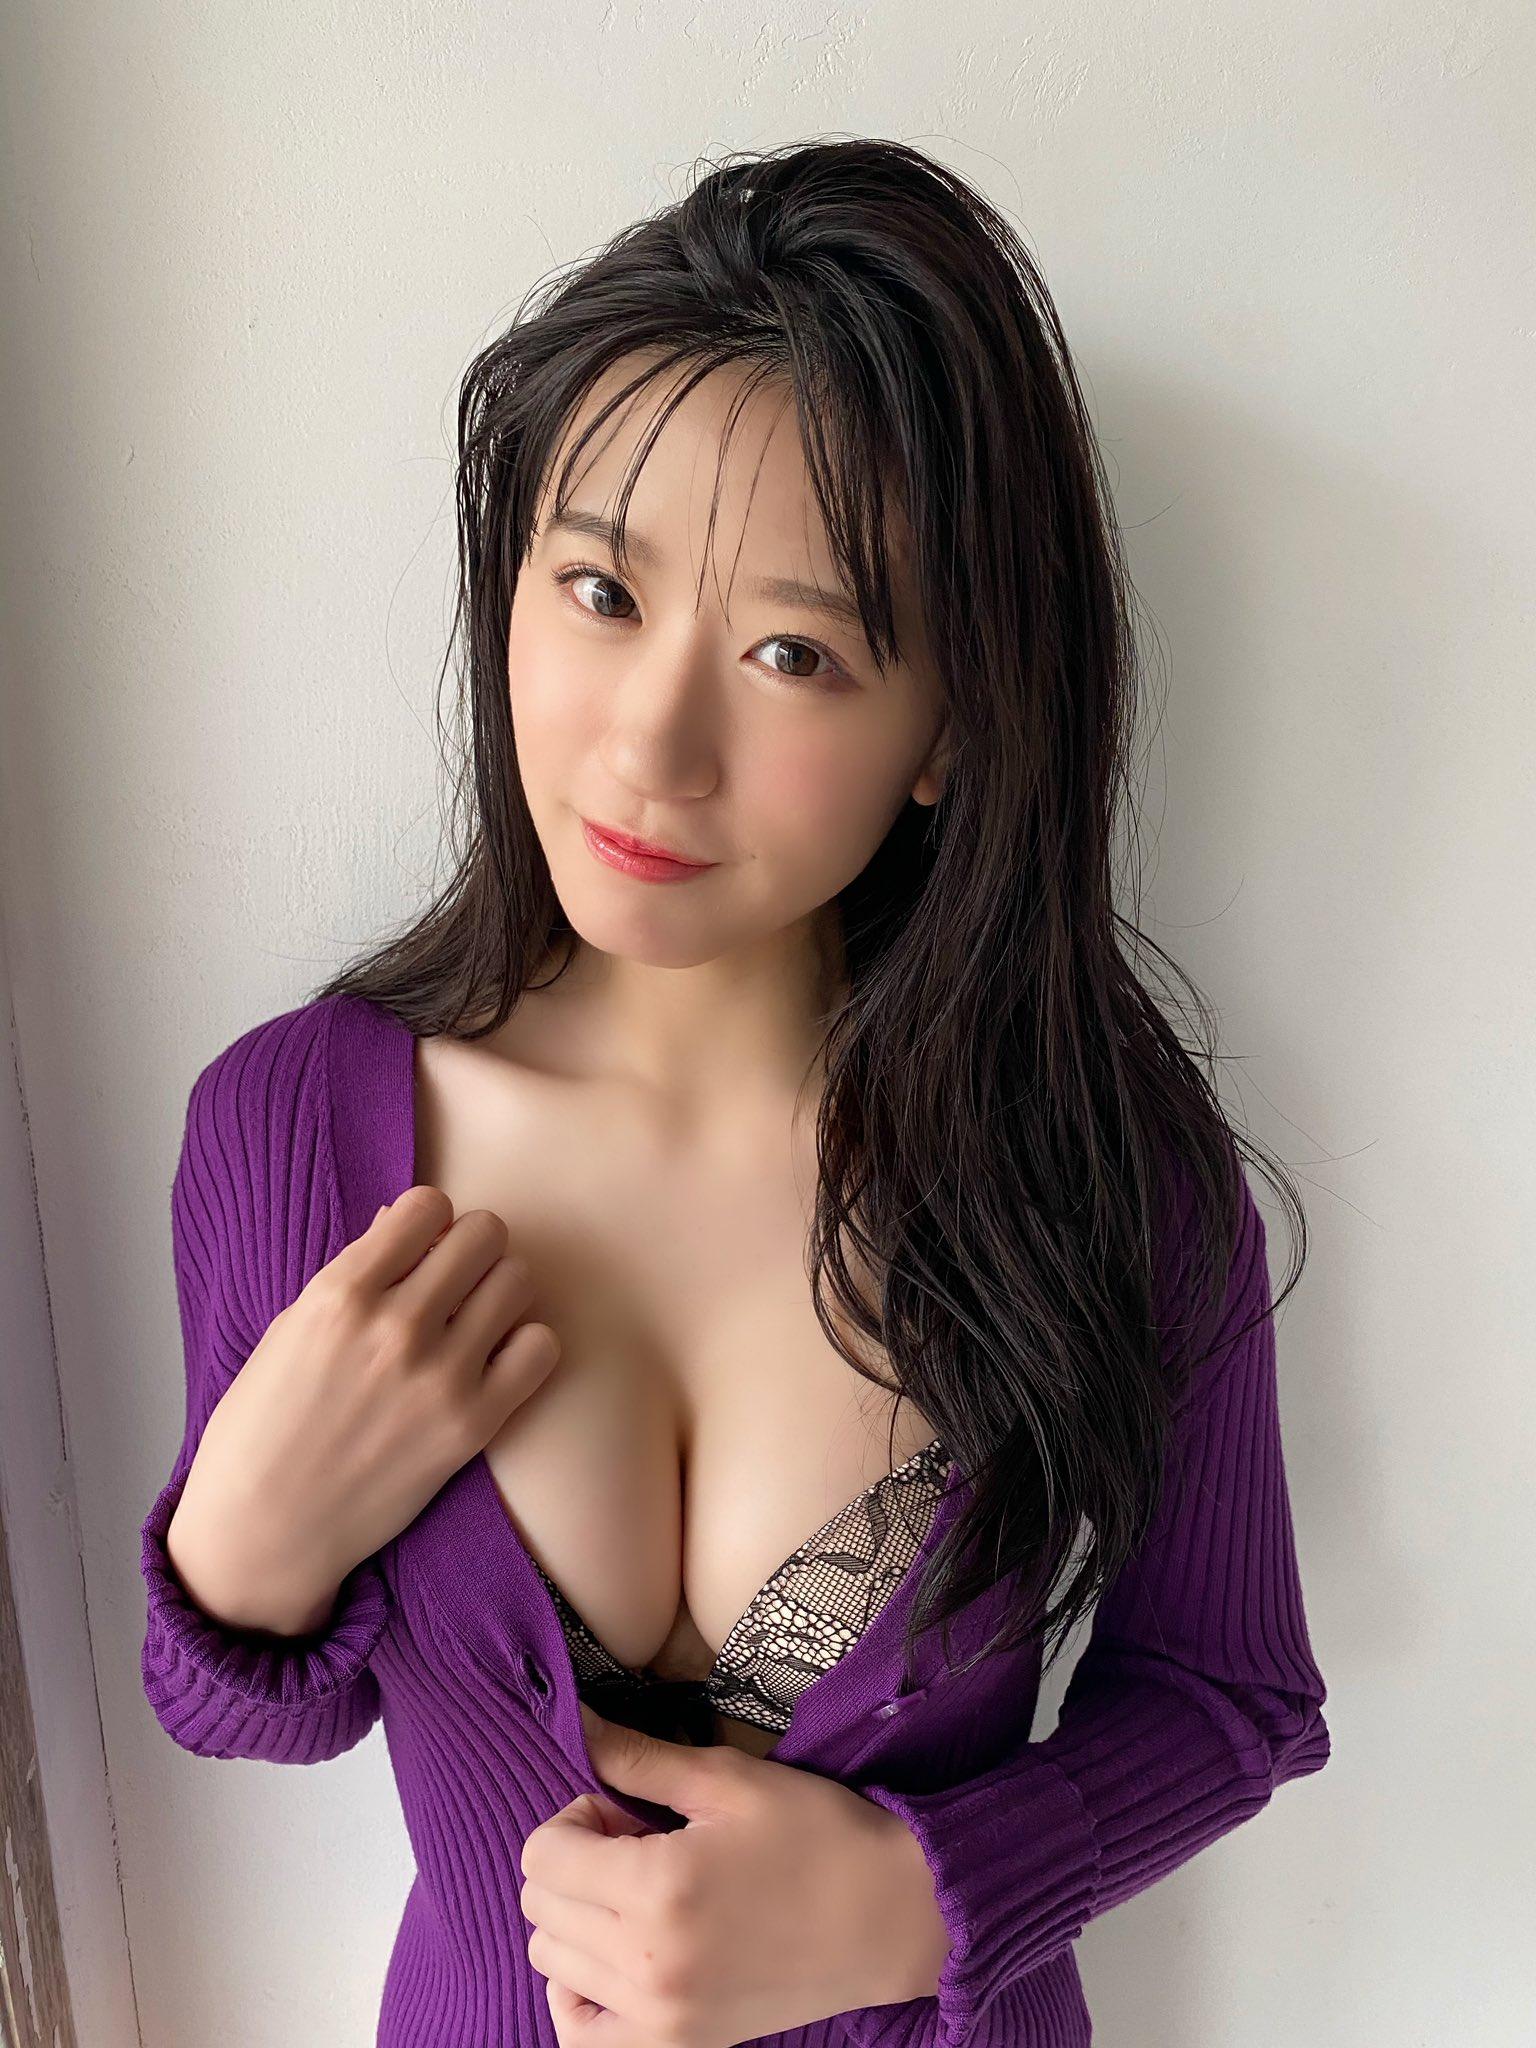 NMB48上西怜「カーディガンから美バストが…!」『漫画アクション』のグラビアオフショット【画像2枚】の画像002